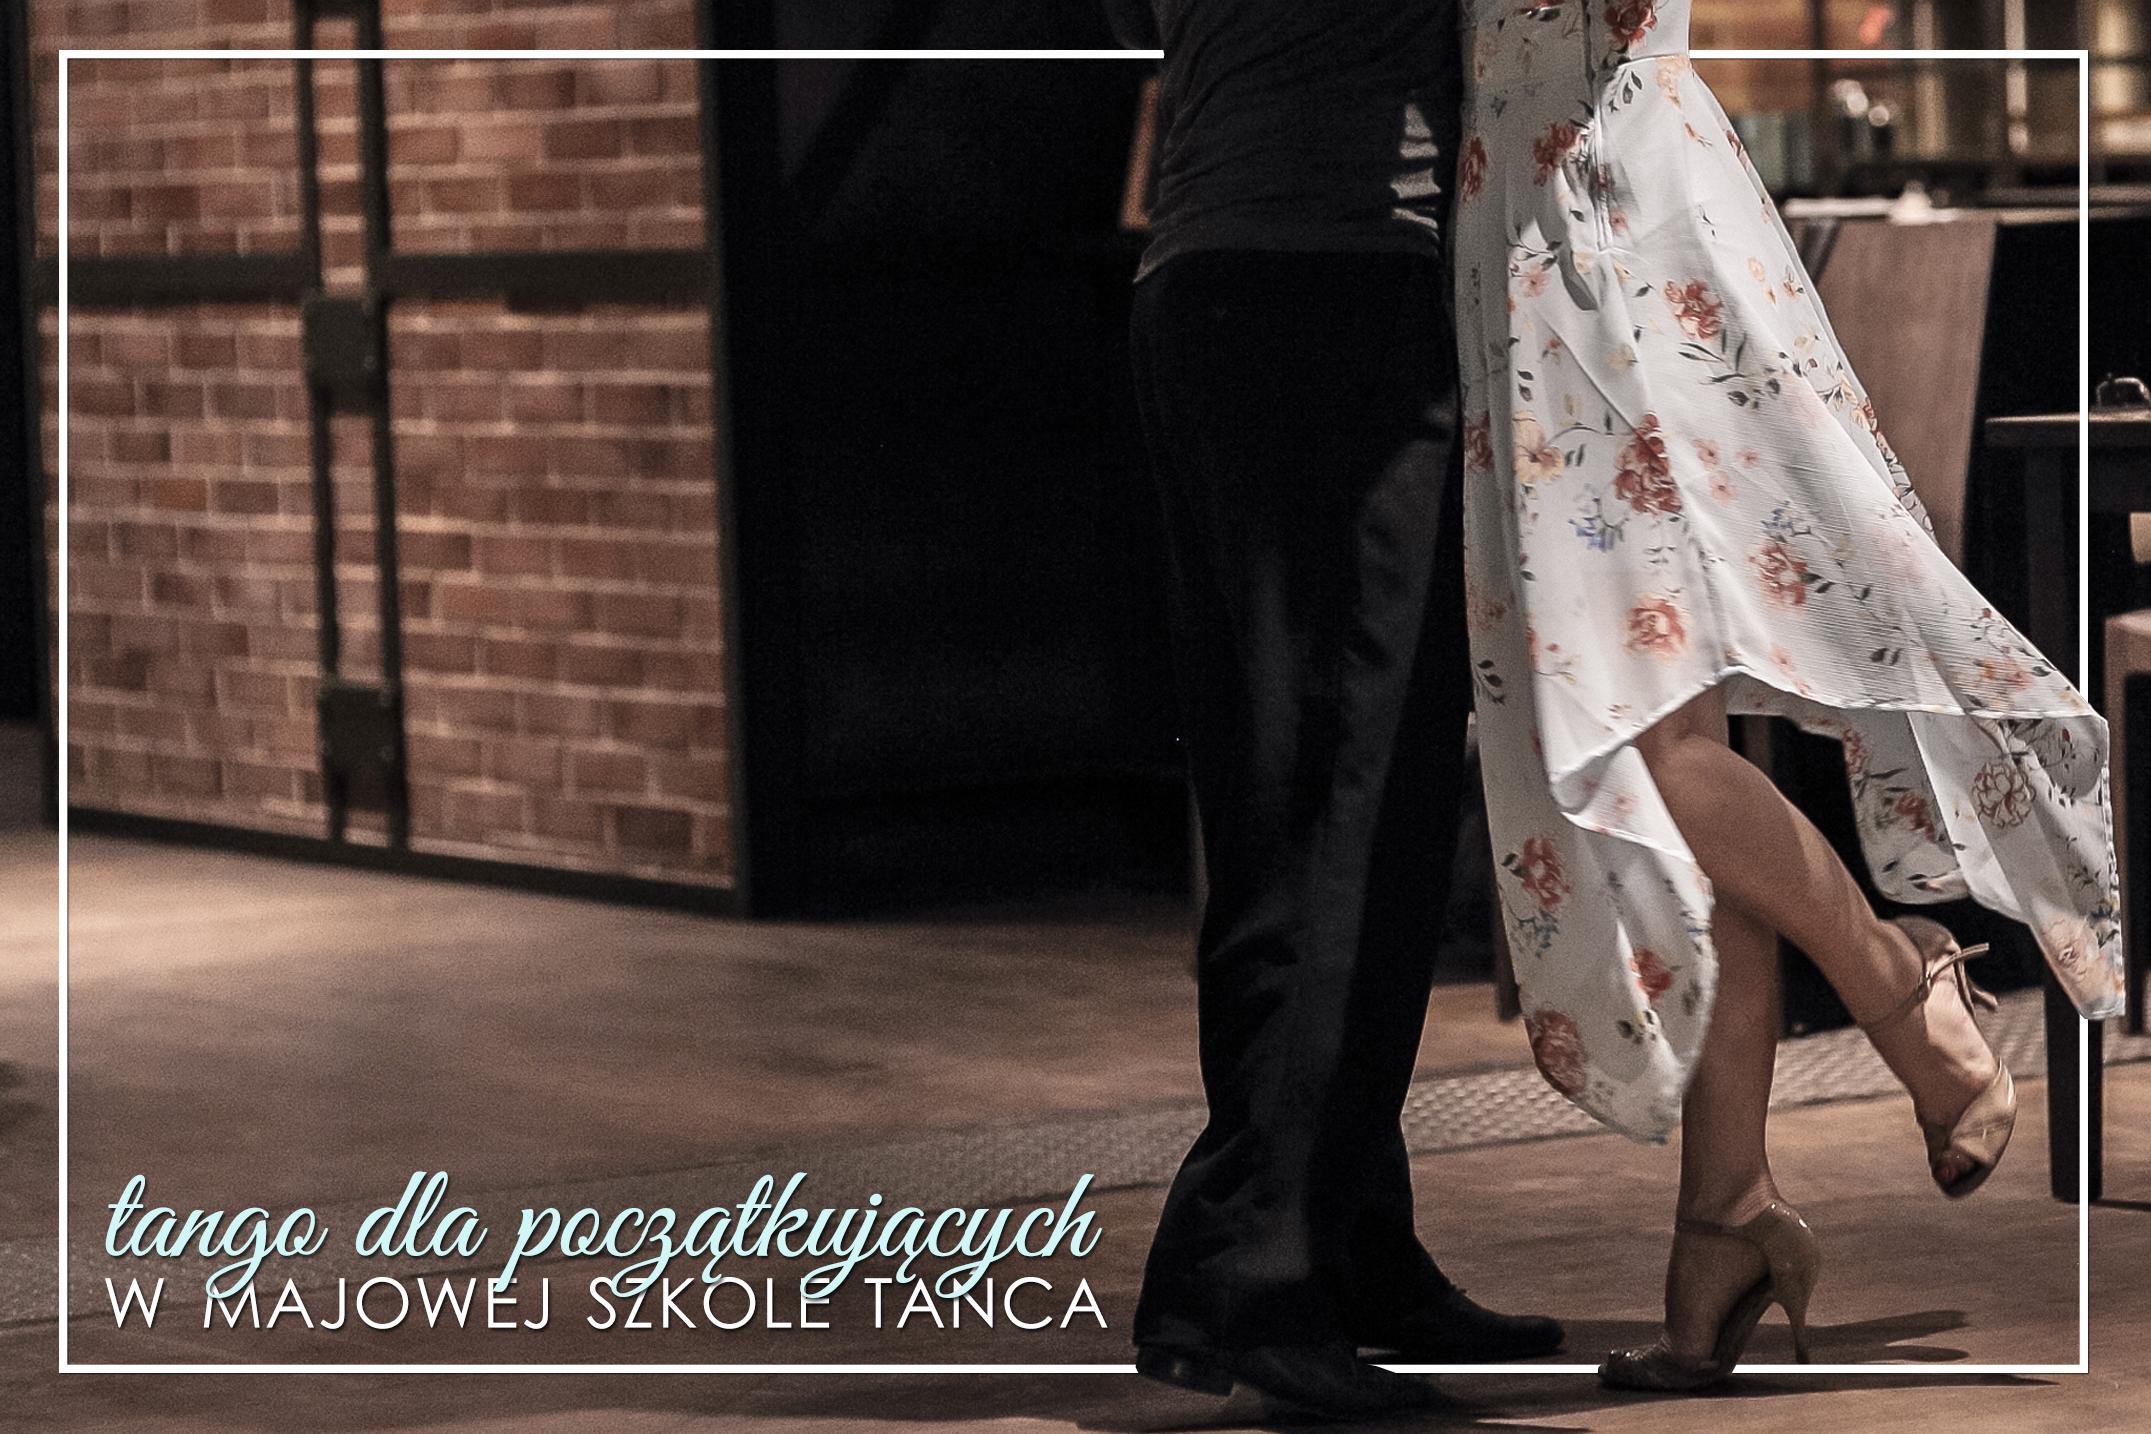 Tango dla początkujących w Majowej Szkole Tańca